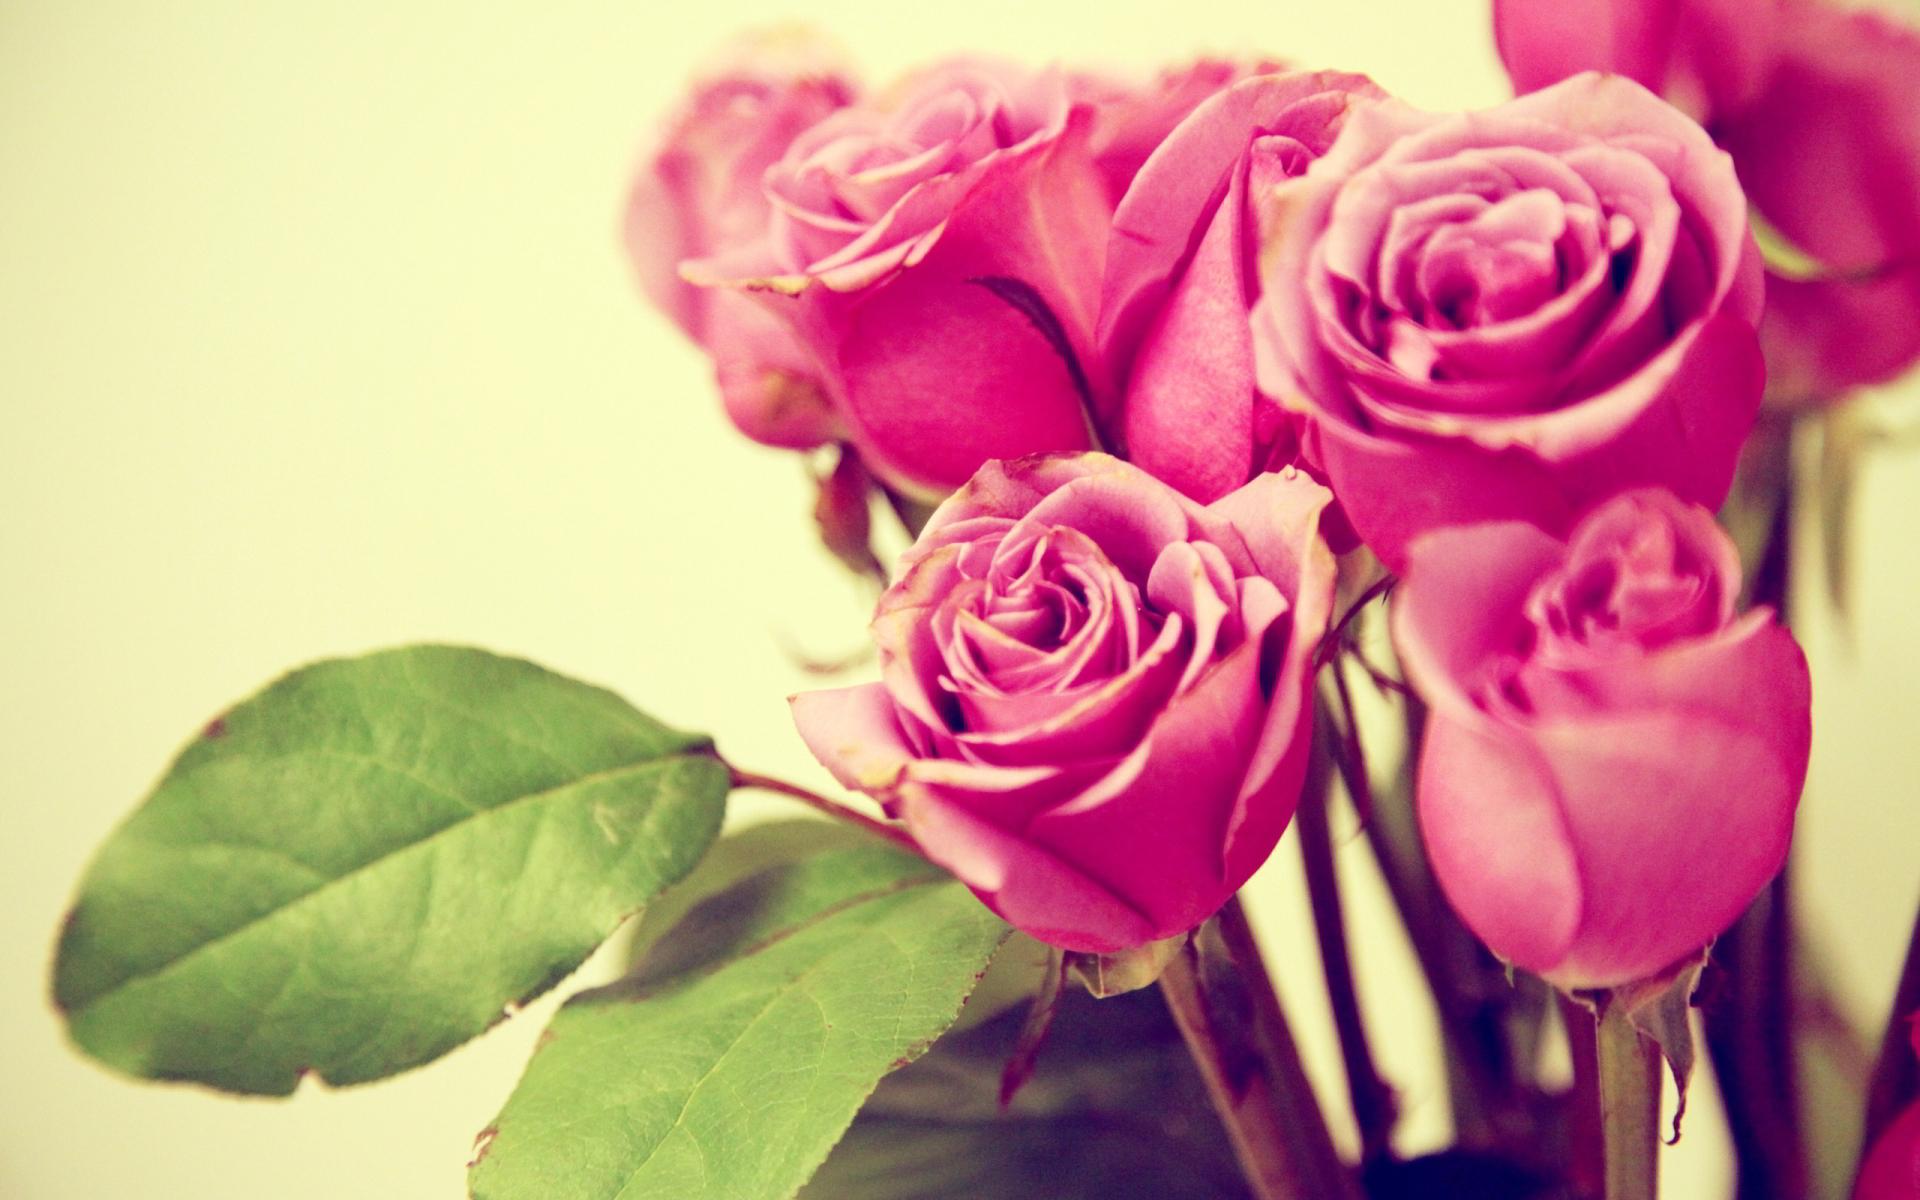 Grunge pink roses